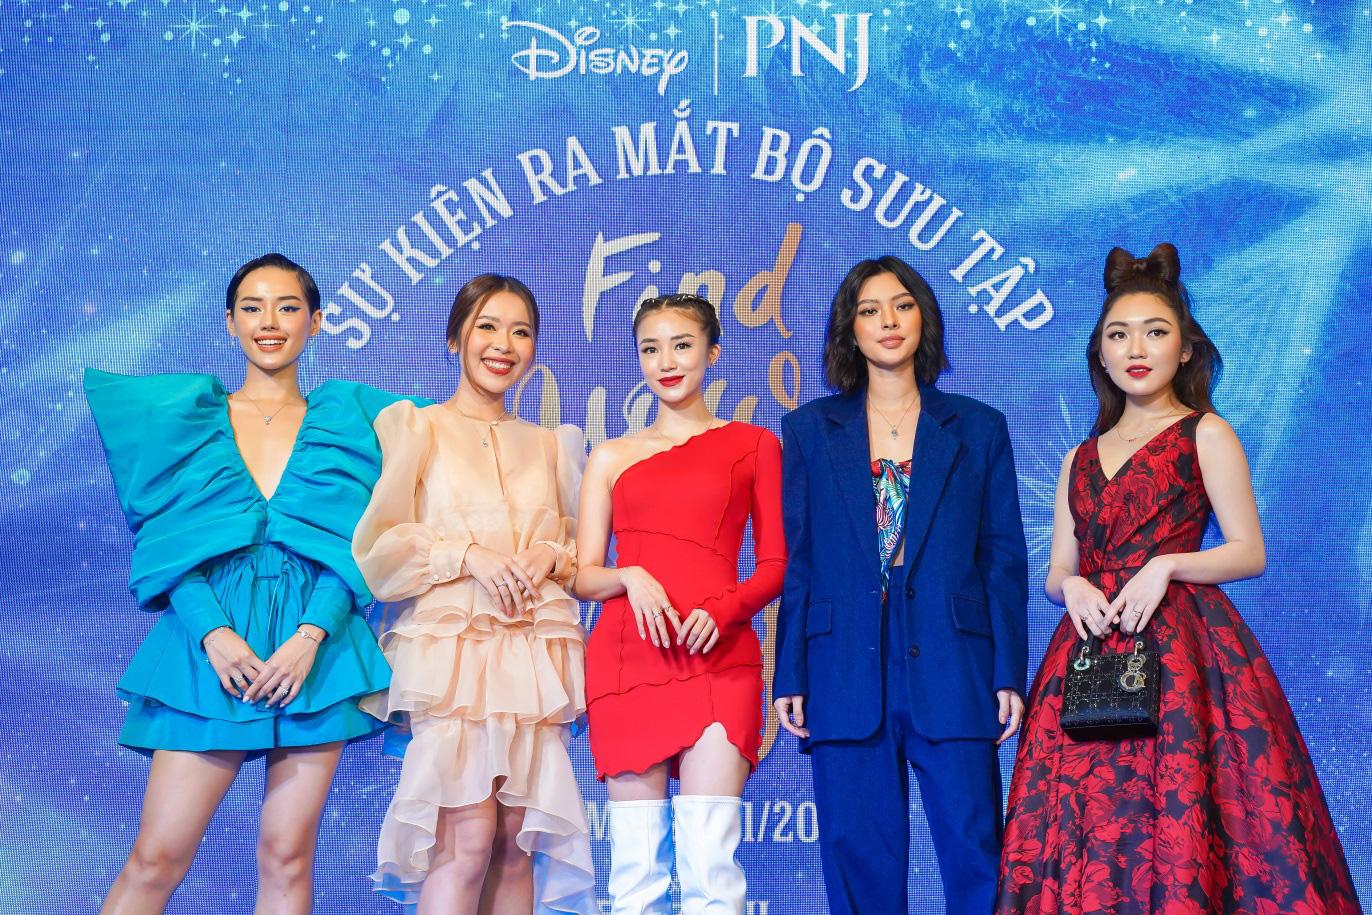 Bảo Anh, Đỗ Mỹ Linh, Phương Ly cùng dàn sao hóa thân thành công chúa lộng lẫy tại sự kiện - Ảnh 9.